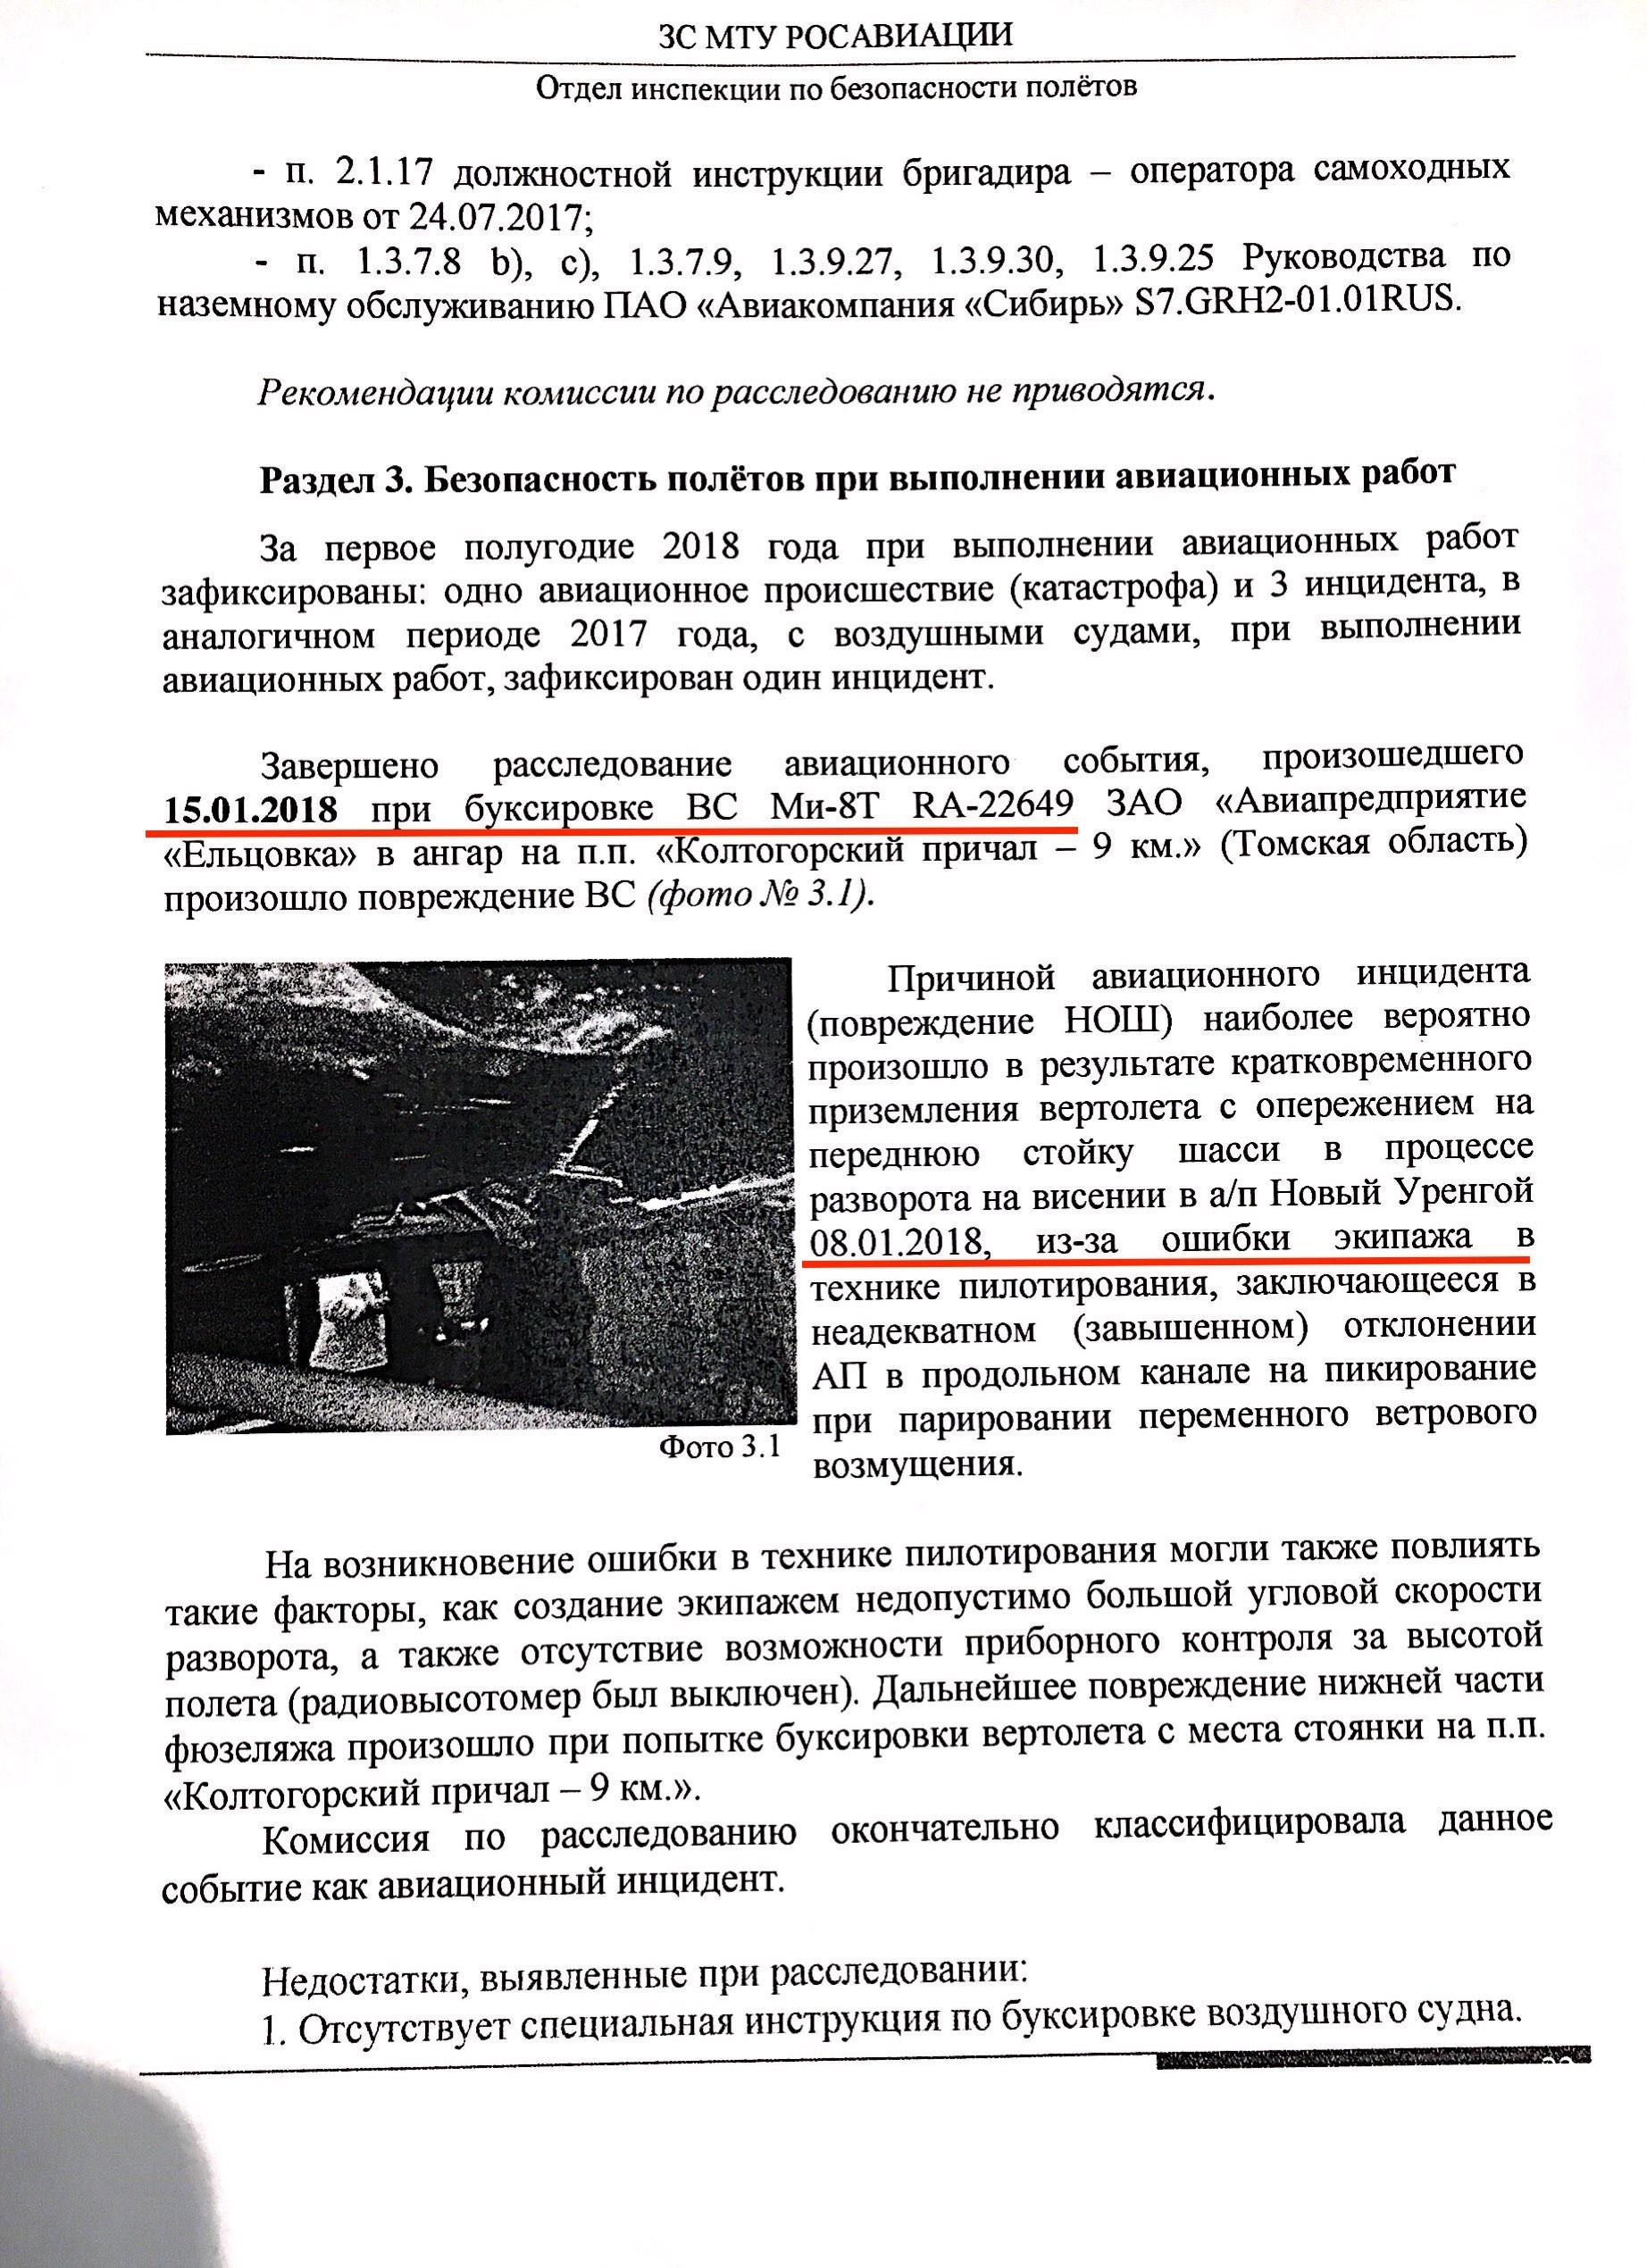 Страница из полугодового отчёта об инцидентах. Фото: © ЗС МТУ Росавиации